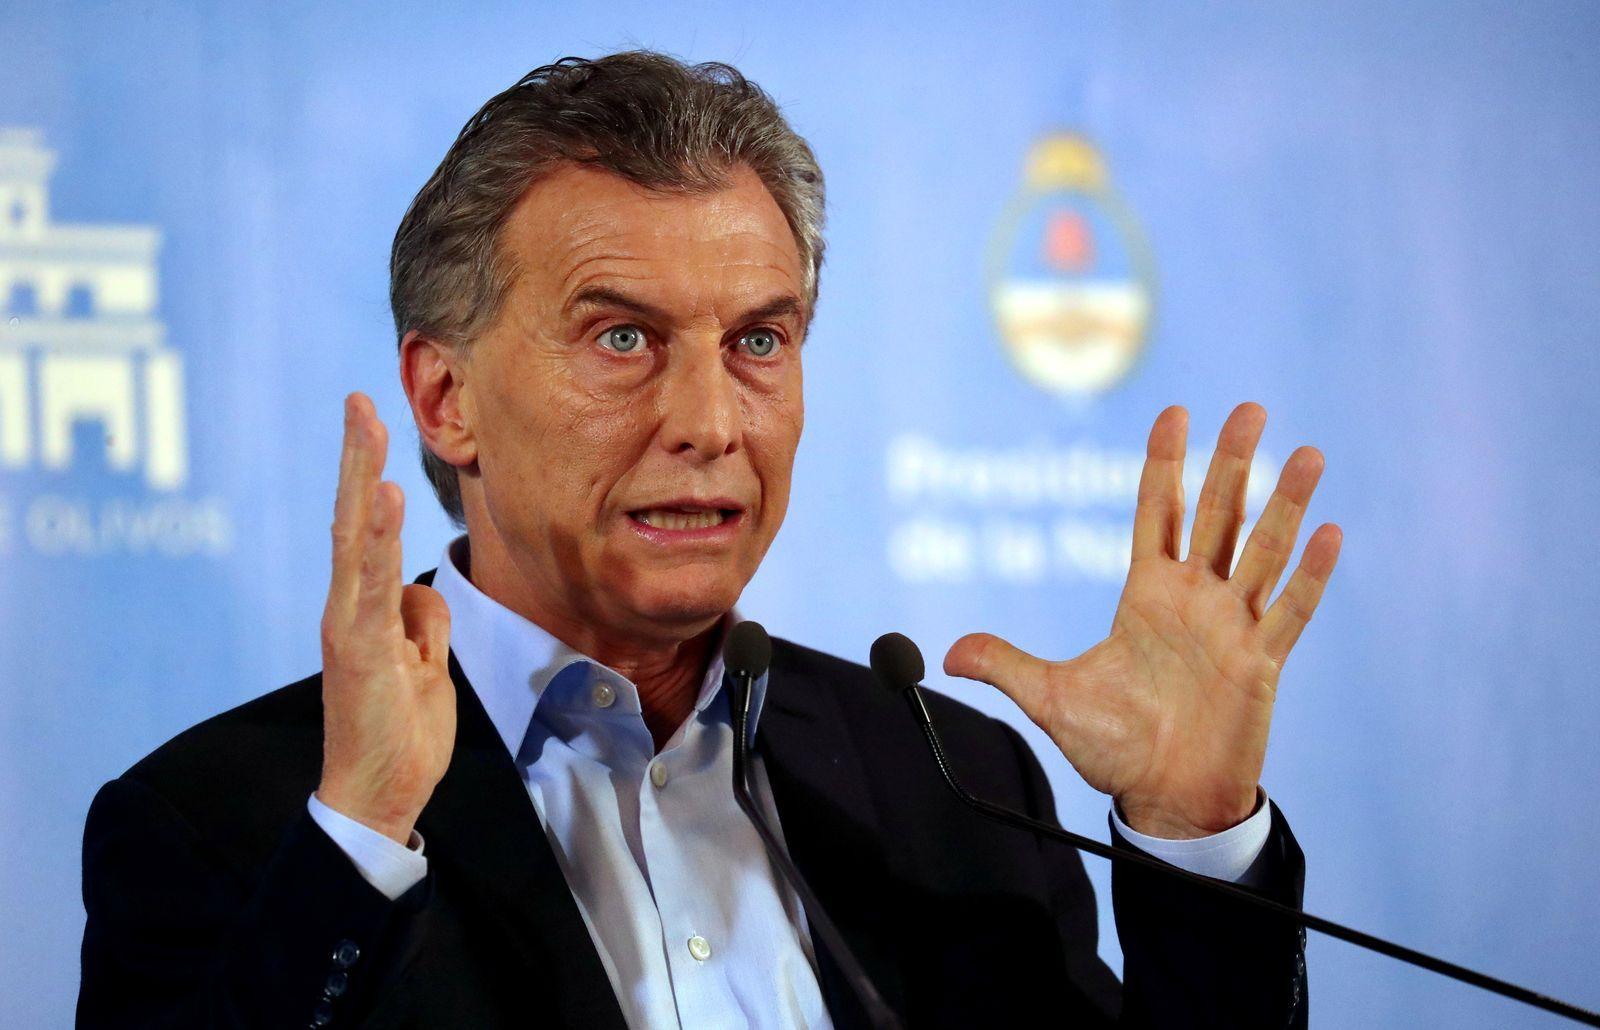 El presidente Macri se dirige a la nación el lunes temprano